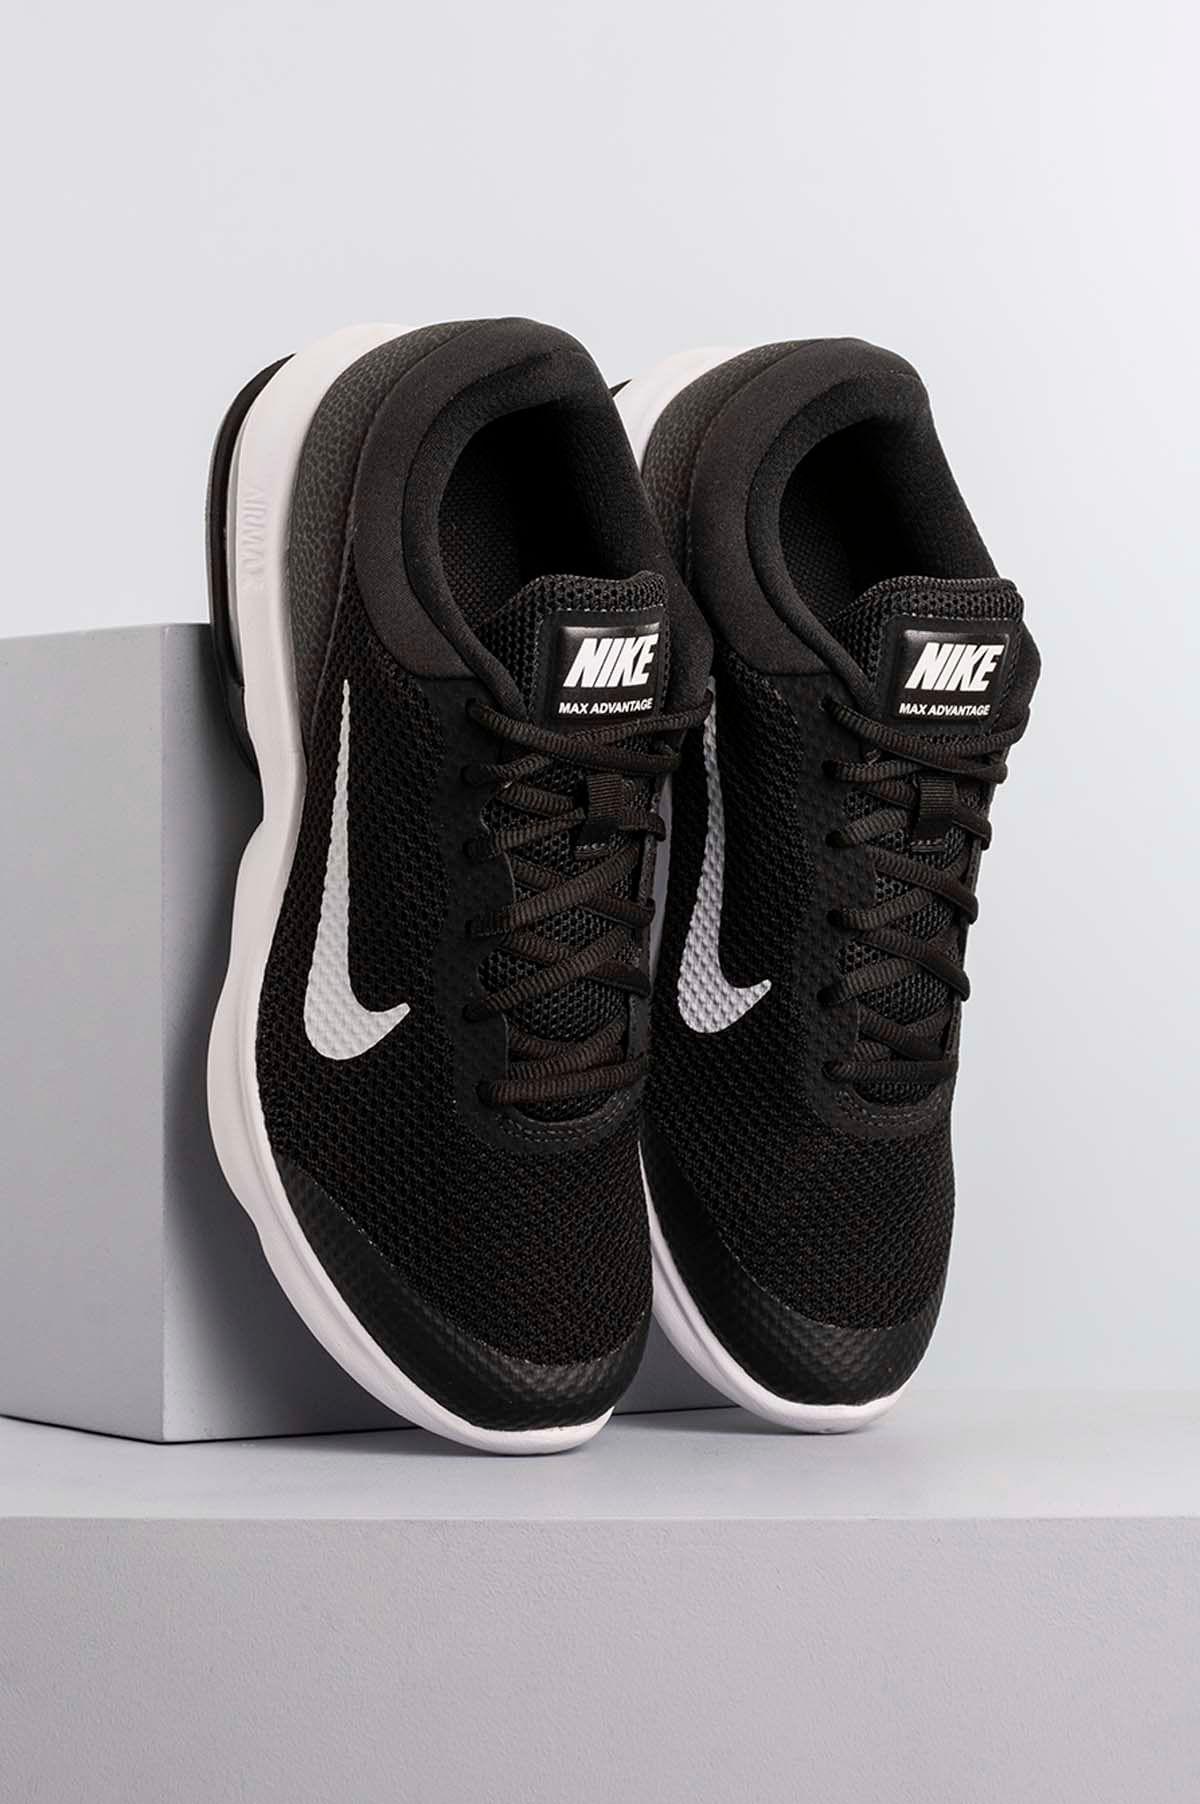 Tênis Feminino Nike Air Max Advantage Tec Preto Mundial